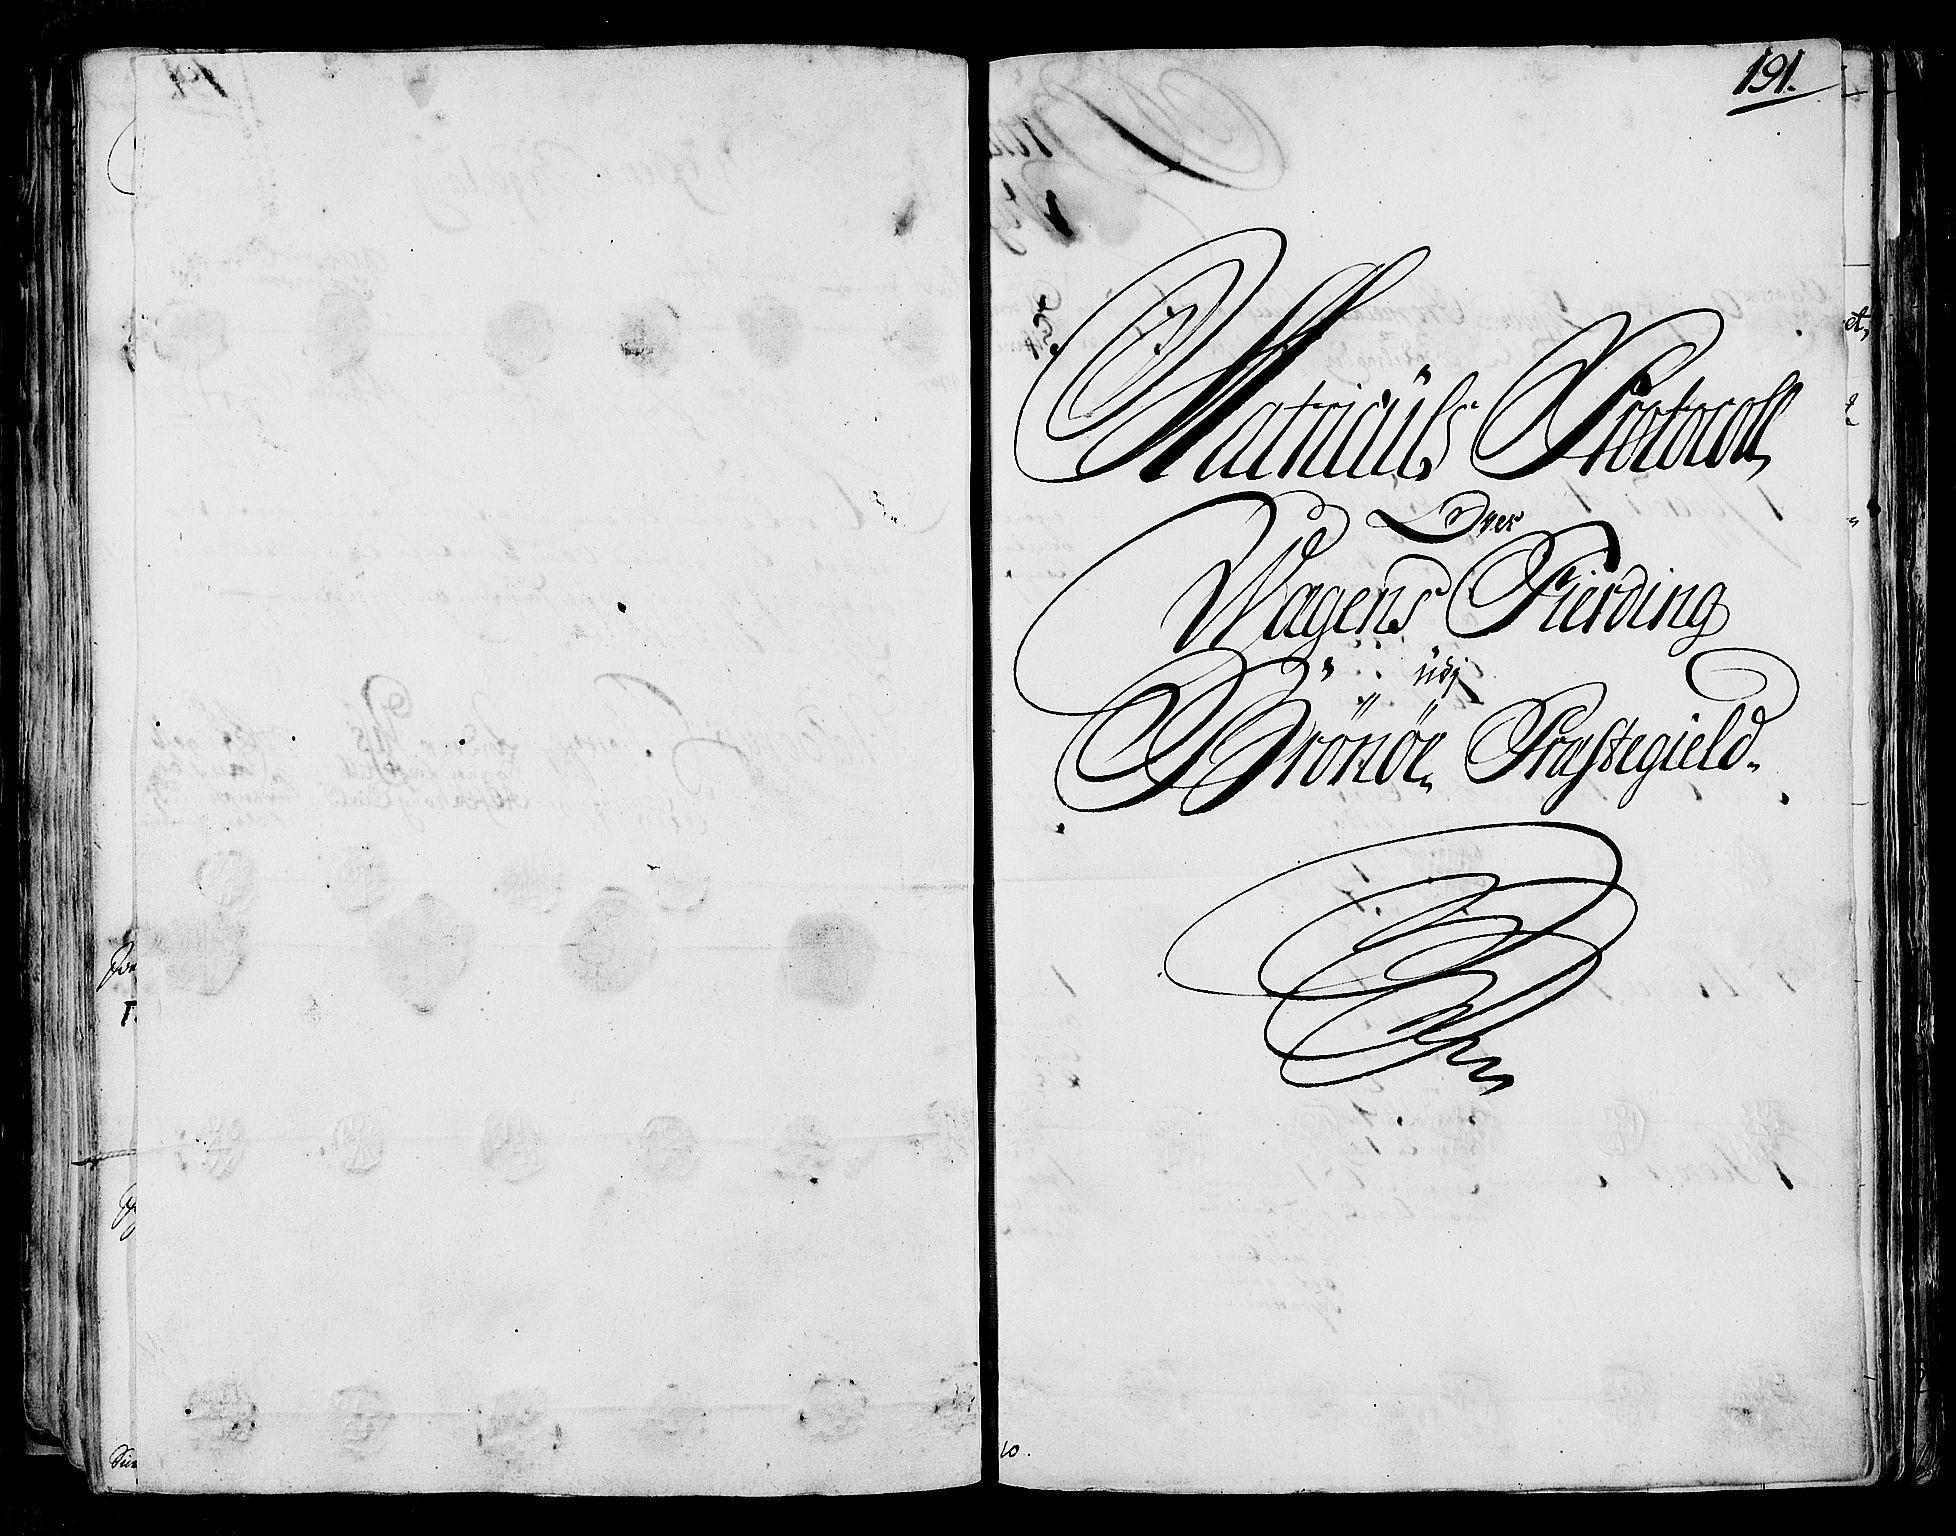 RA, Rentekammeret inntil 1814, Realistisk ordnet avdeling, N/Nb/Nbf/L0170: Helgeland eksaminasjonsprotokoll, 1723, s. 190b-191a